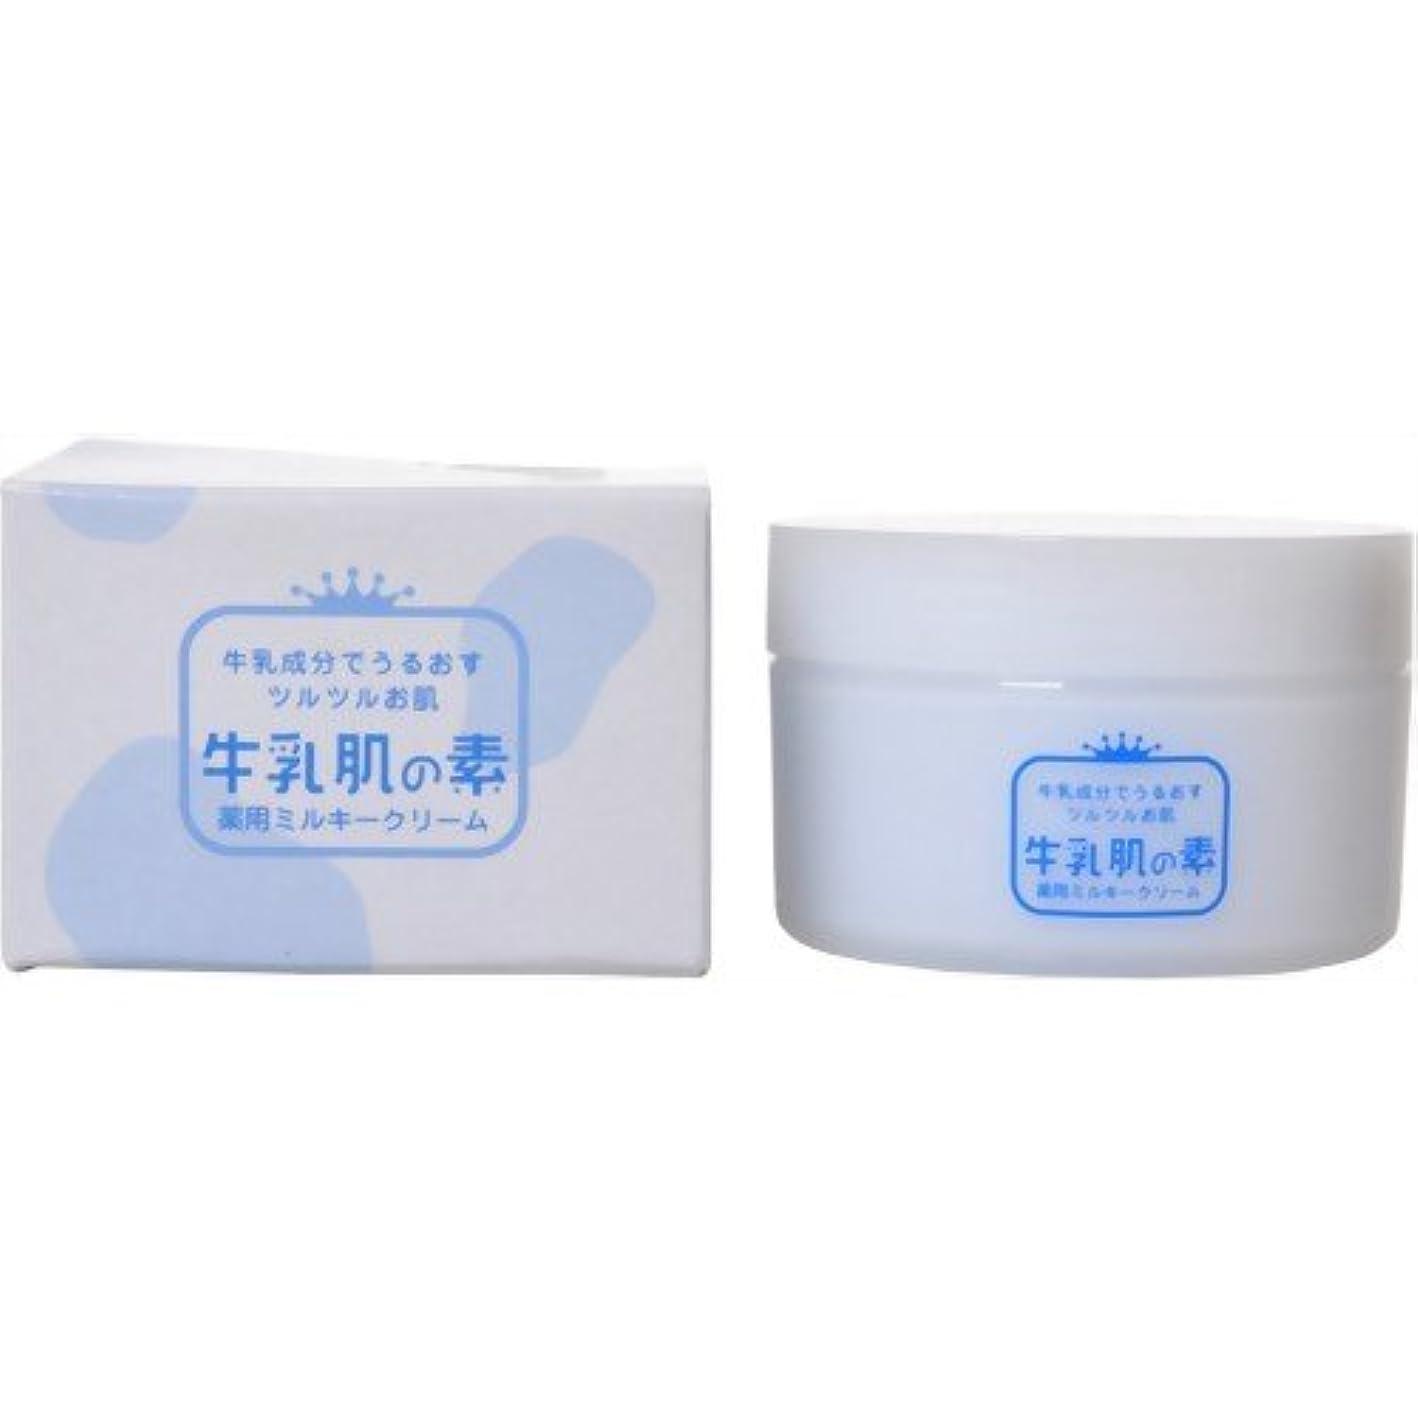 免疫するバインド伝染病牛乳肌の素 薬用ミルキークリーム 90g 医薬部外品